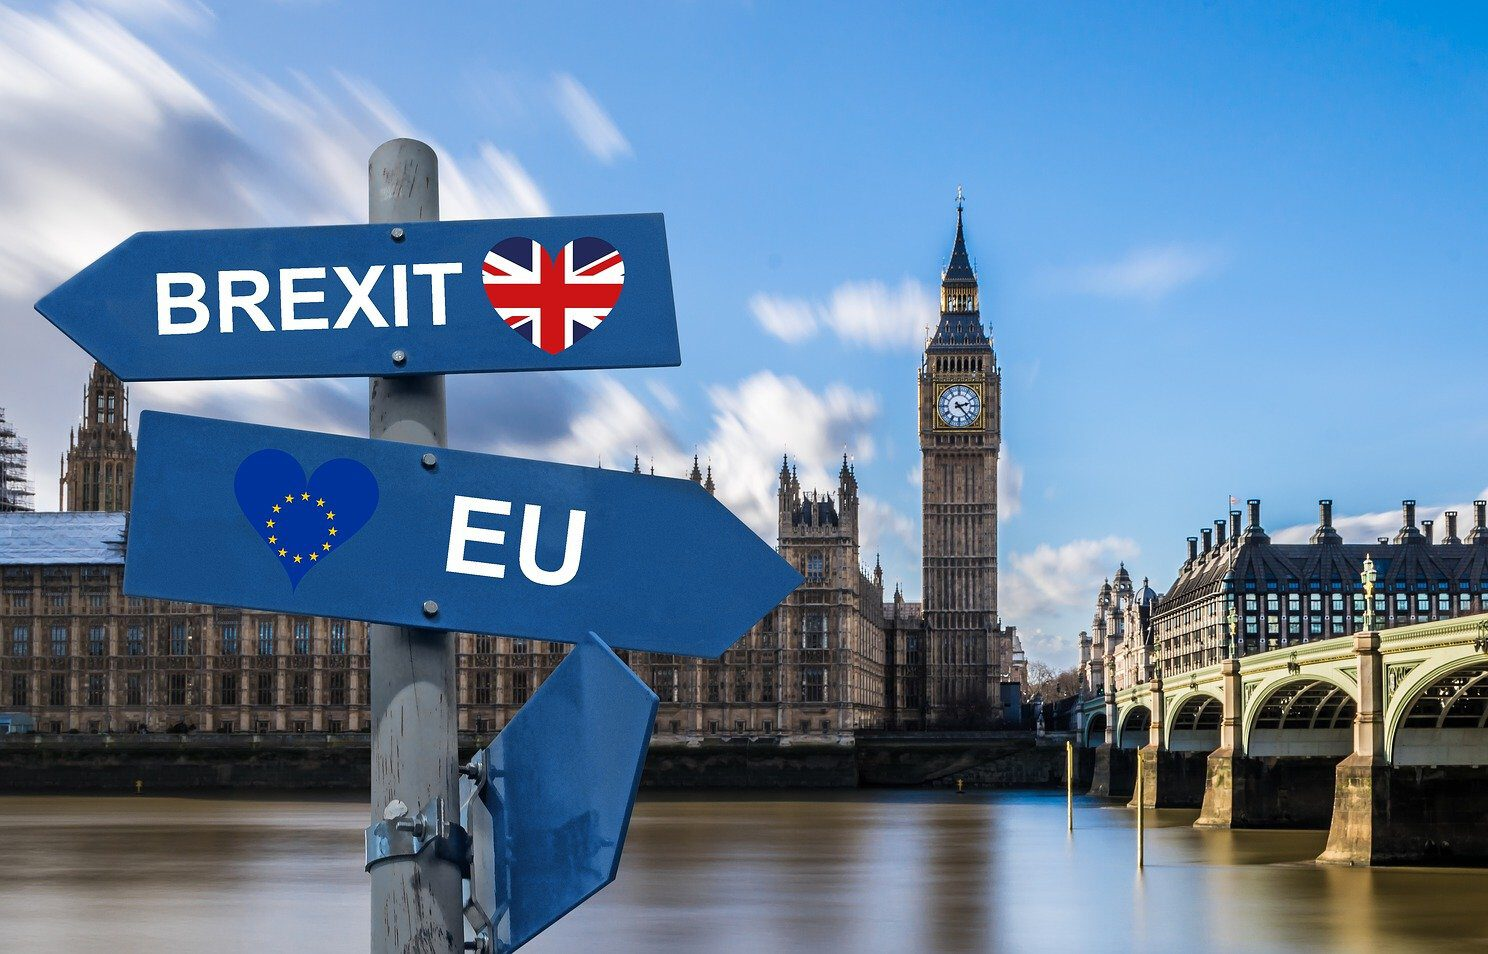 Stellungnahme zum Austritt des Vereinigten Königreiches aus dem Erasmus+-Programm im Zuge des Brexit-Abkommens